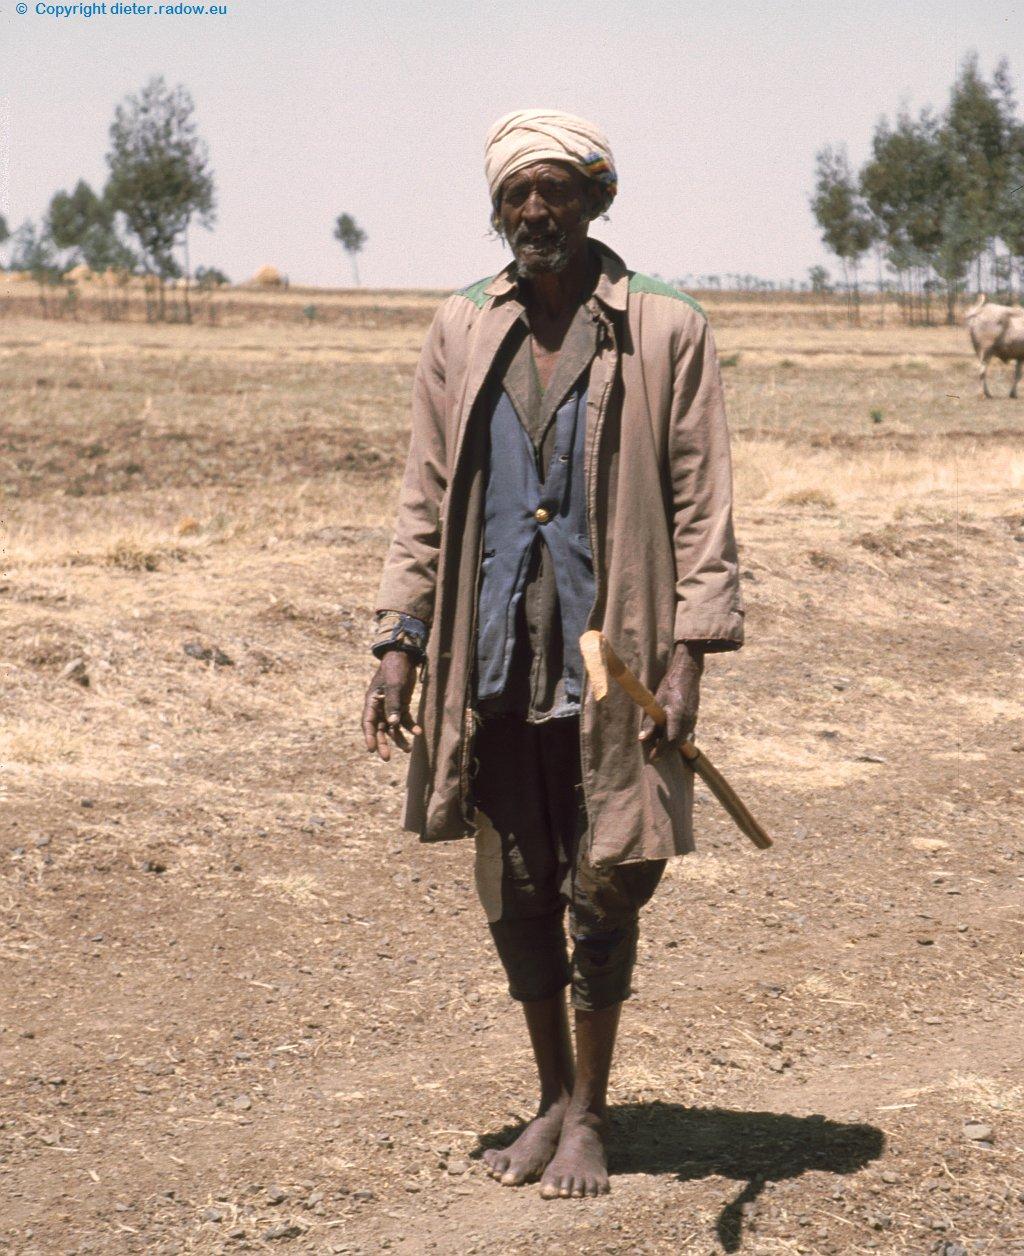 307 Hirte in Süd-Äthiopien